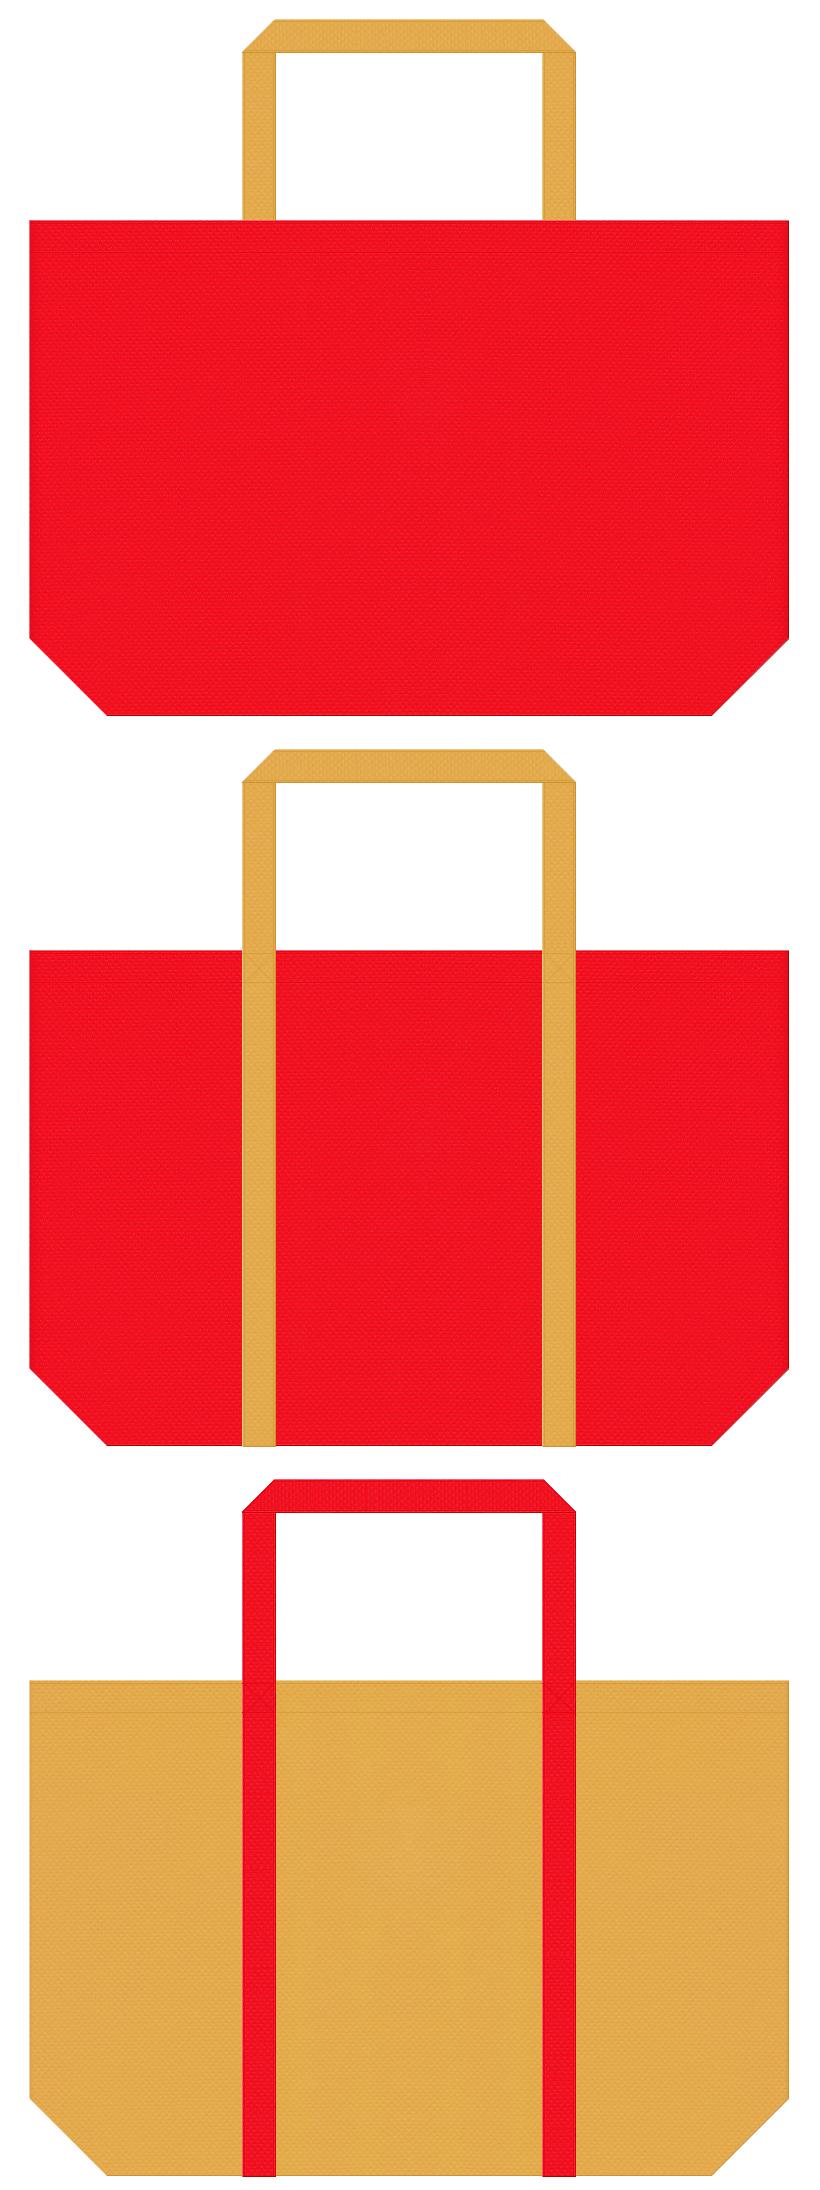 絵本・むかし話・赤鬼・節分・大豆・一合枡・御輿・お祭り・和風催事・福袋にお奨めの不織布ショッピングバッグのデザイン:赤色と黄土色のコーデ